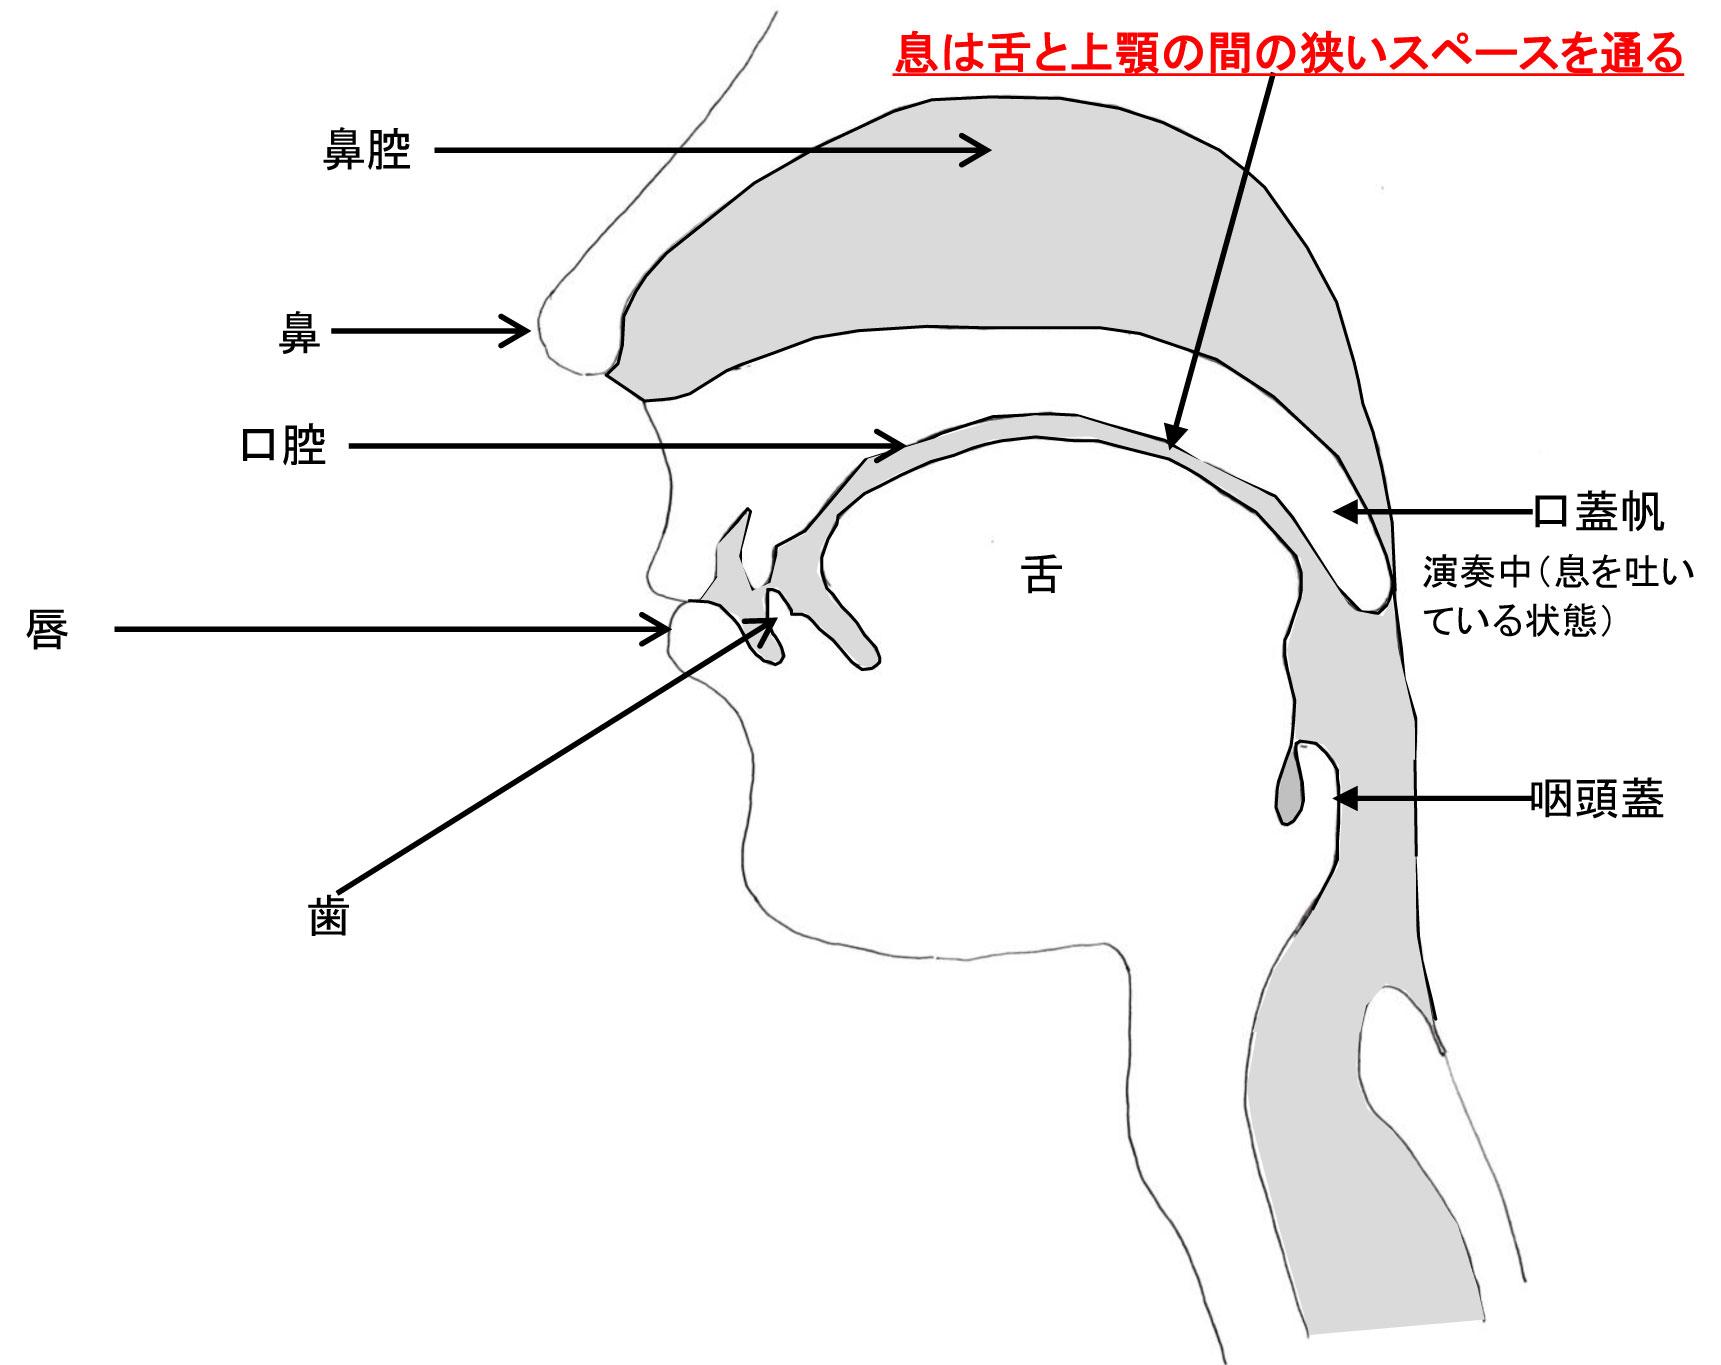 口腔を中心とした演奏中の気道の断面図